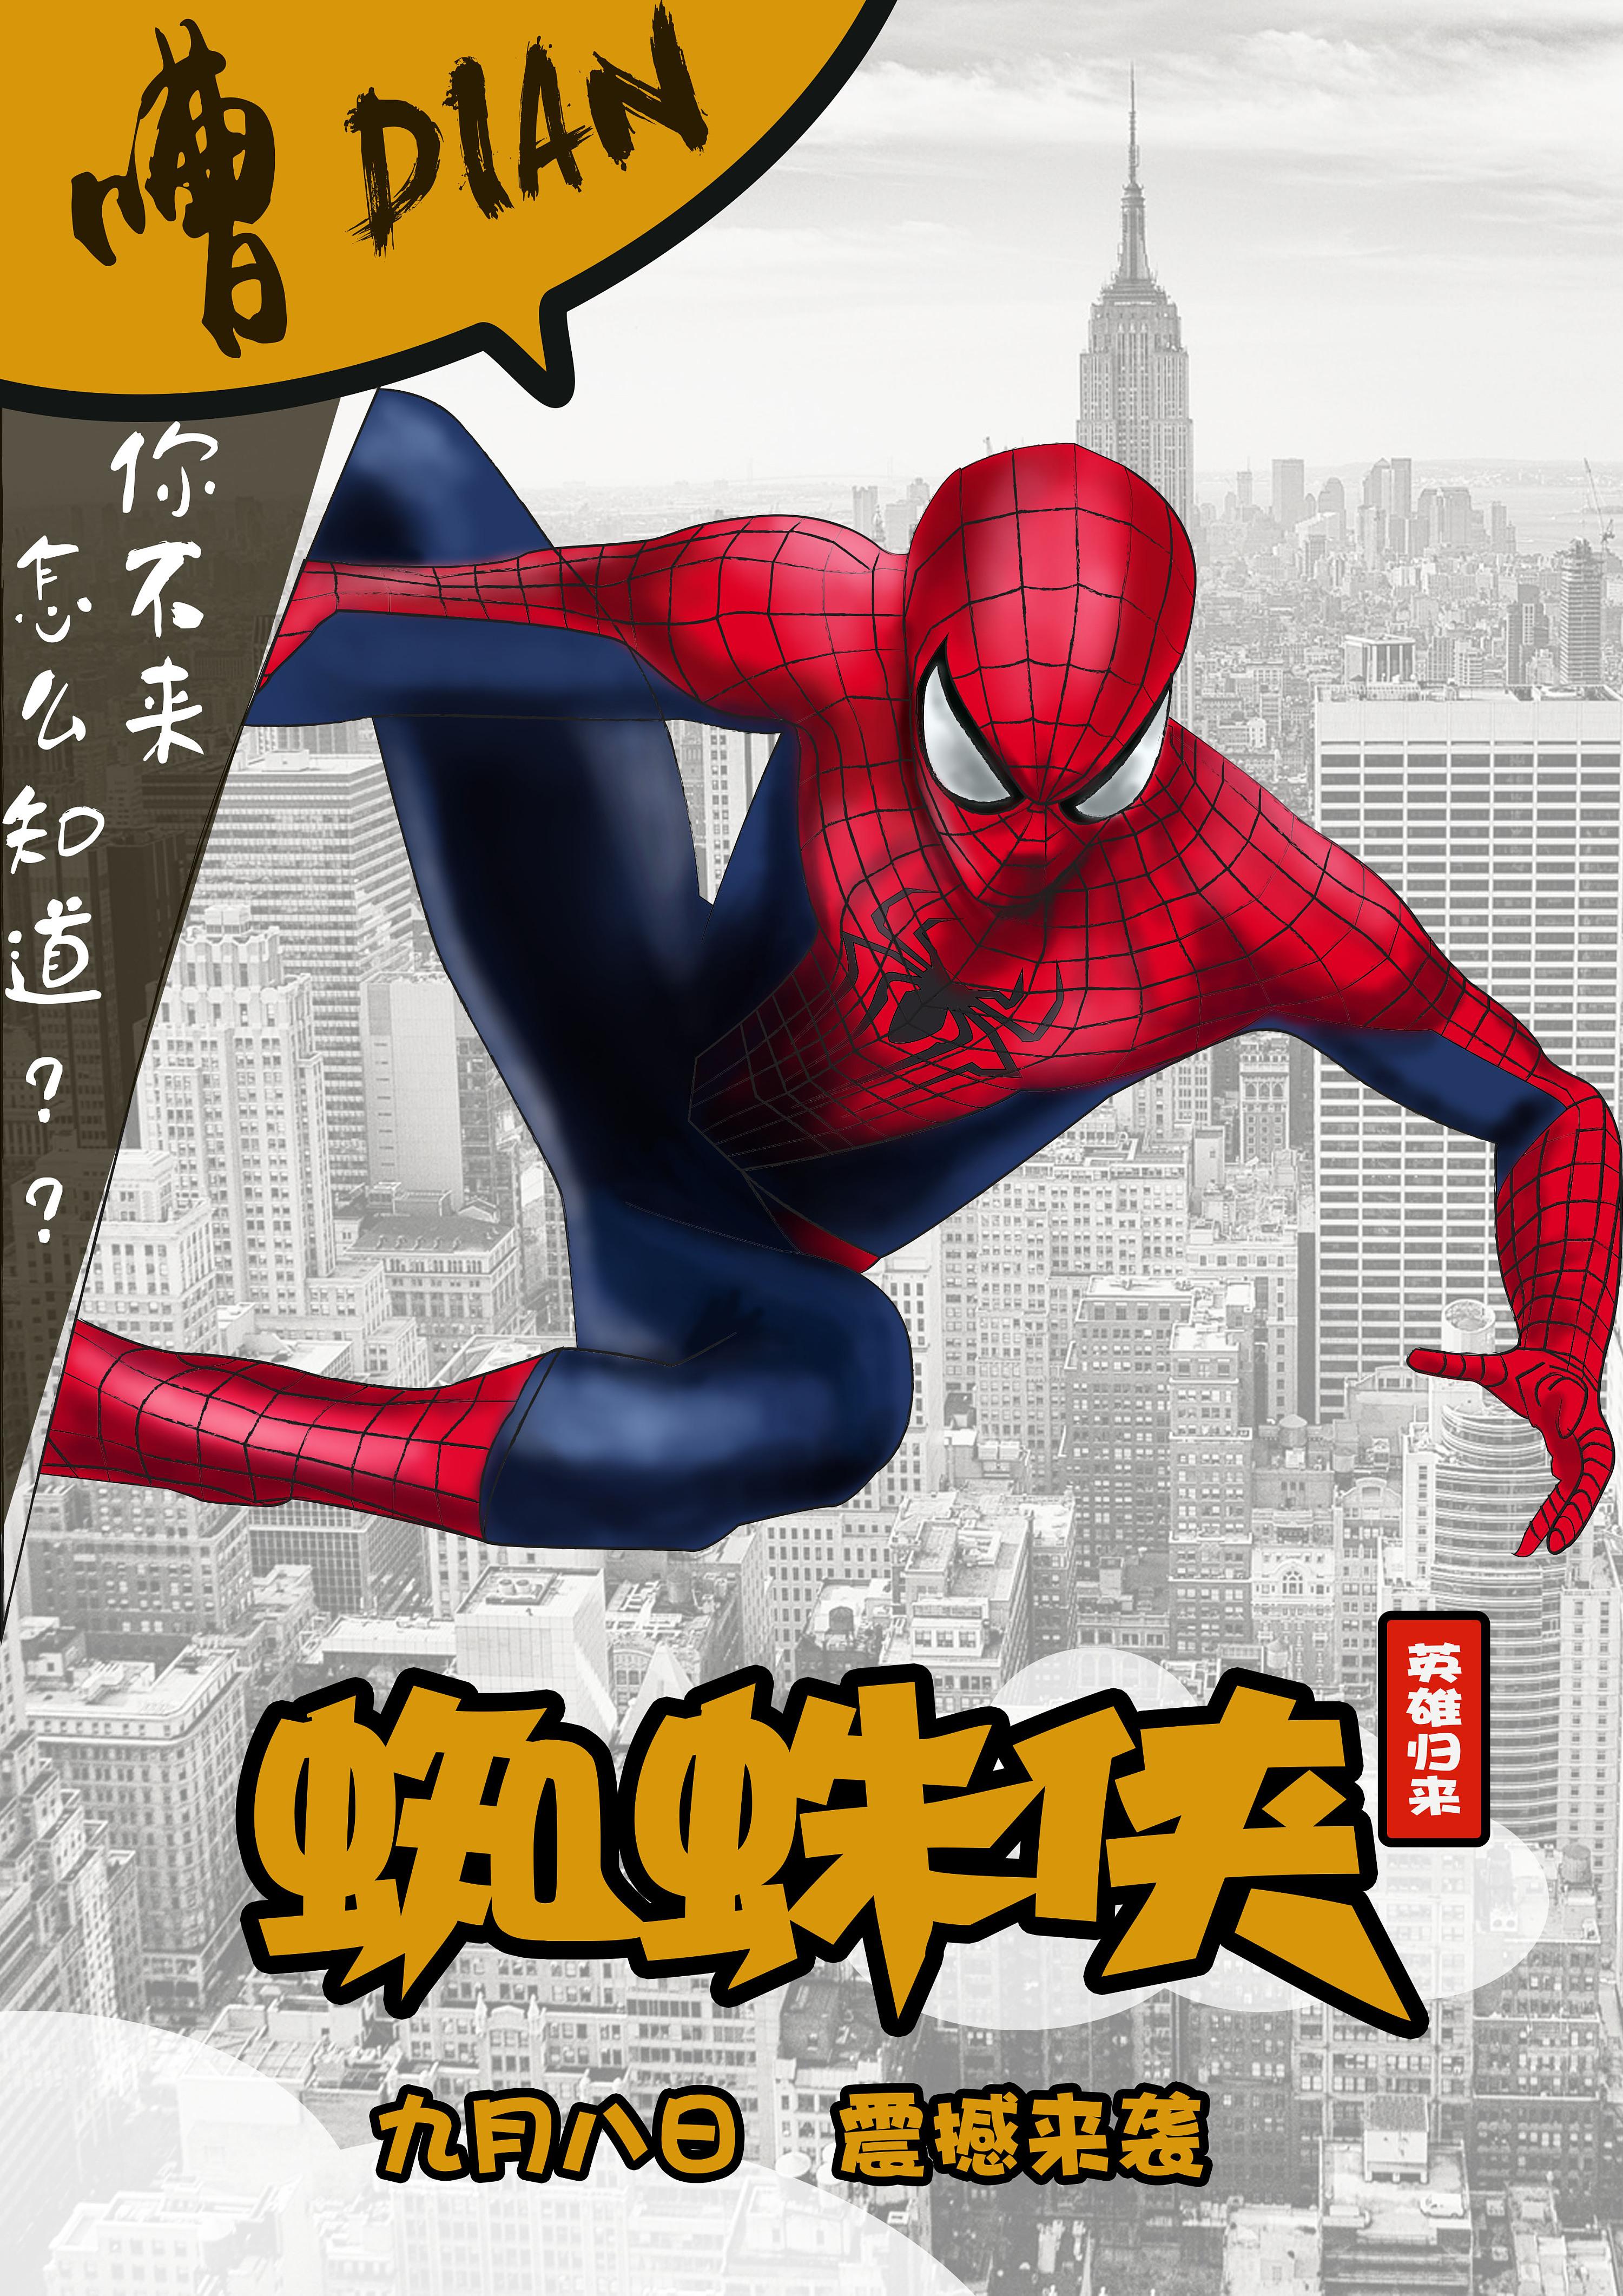 蜘蛛侠 手绘